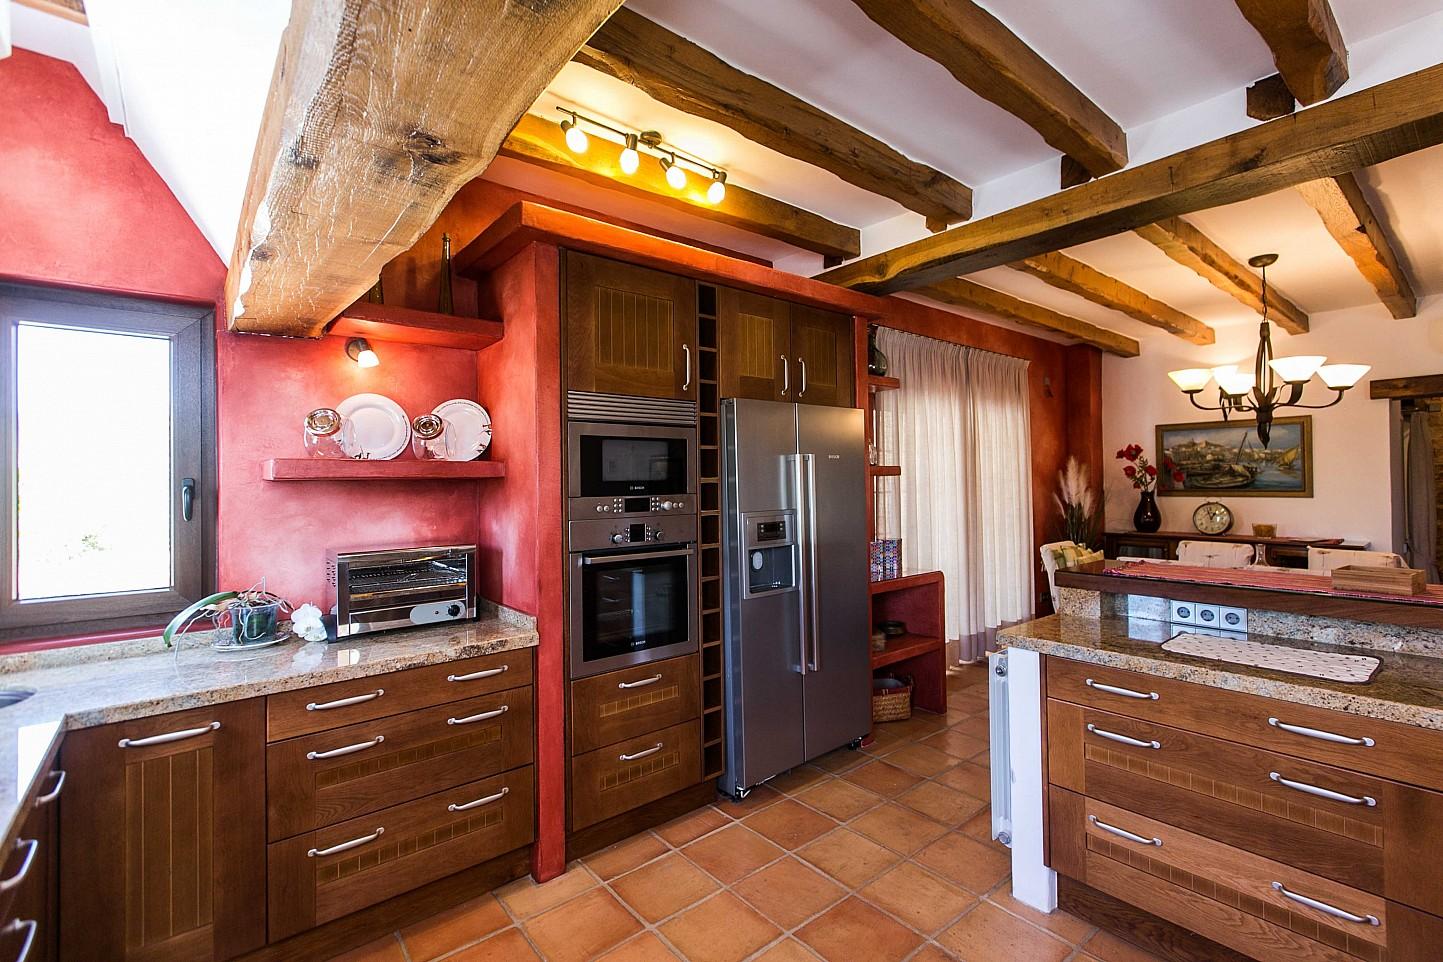 Cocina de sensacional estancia en alquiler ubicada en Ibiza